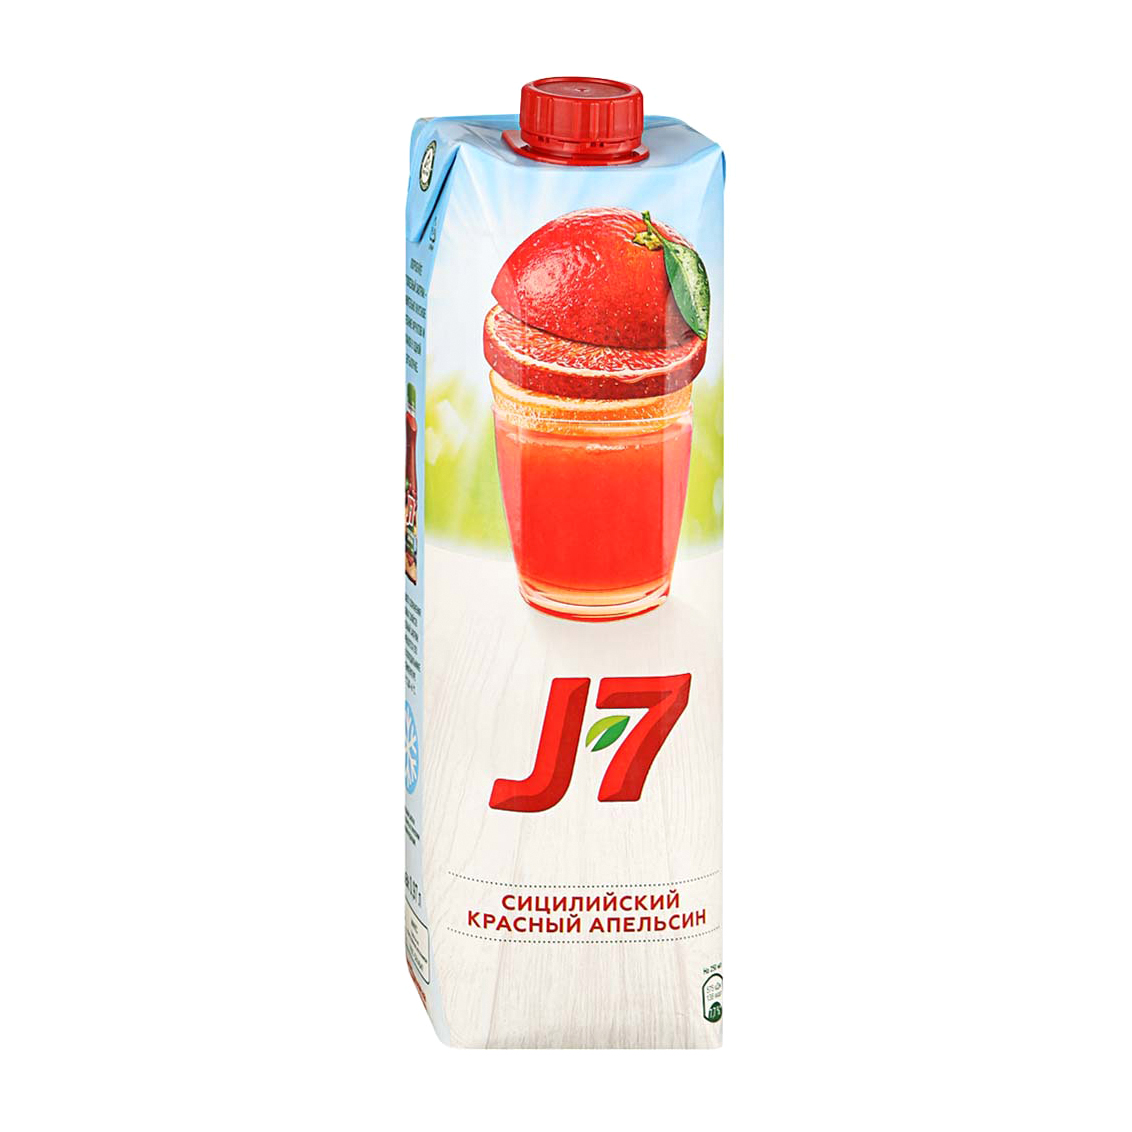 Фото - Нектар J7 Сицилийский красный апельсин 0,97 л j7